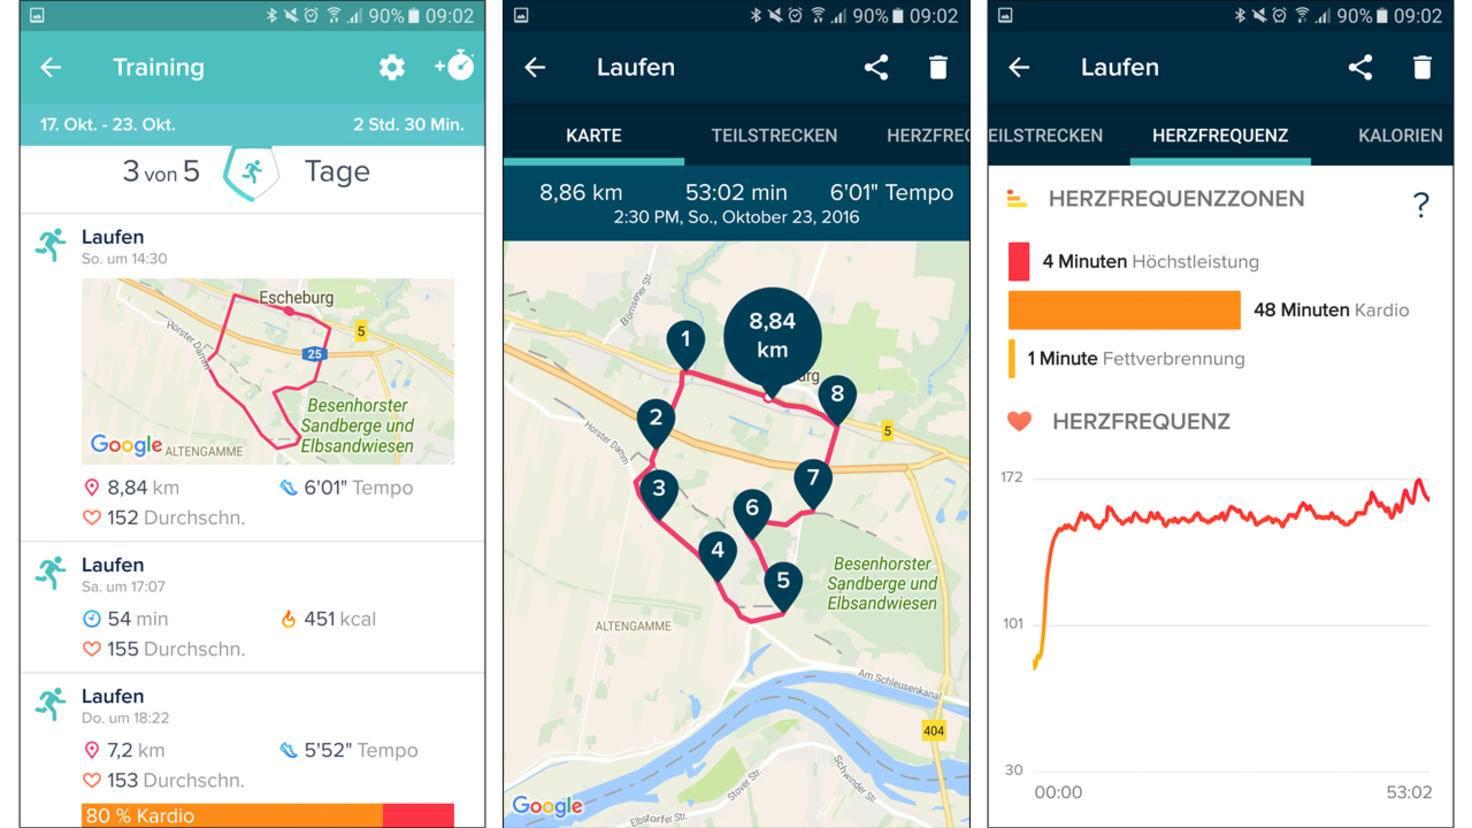 Wenn der Tracker mit dem Handy verbunden ist, können Laufrunden auch per GPS mitverfolgt werden.